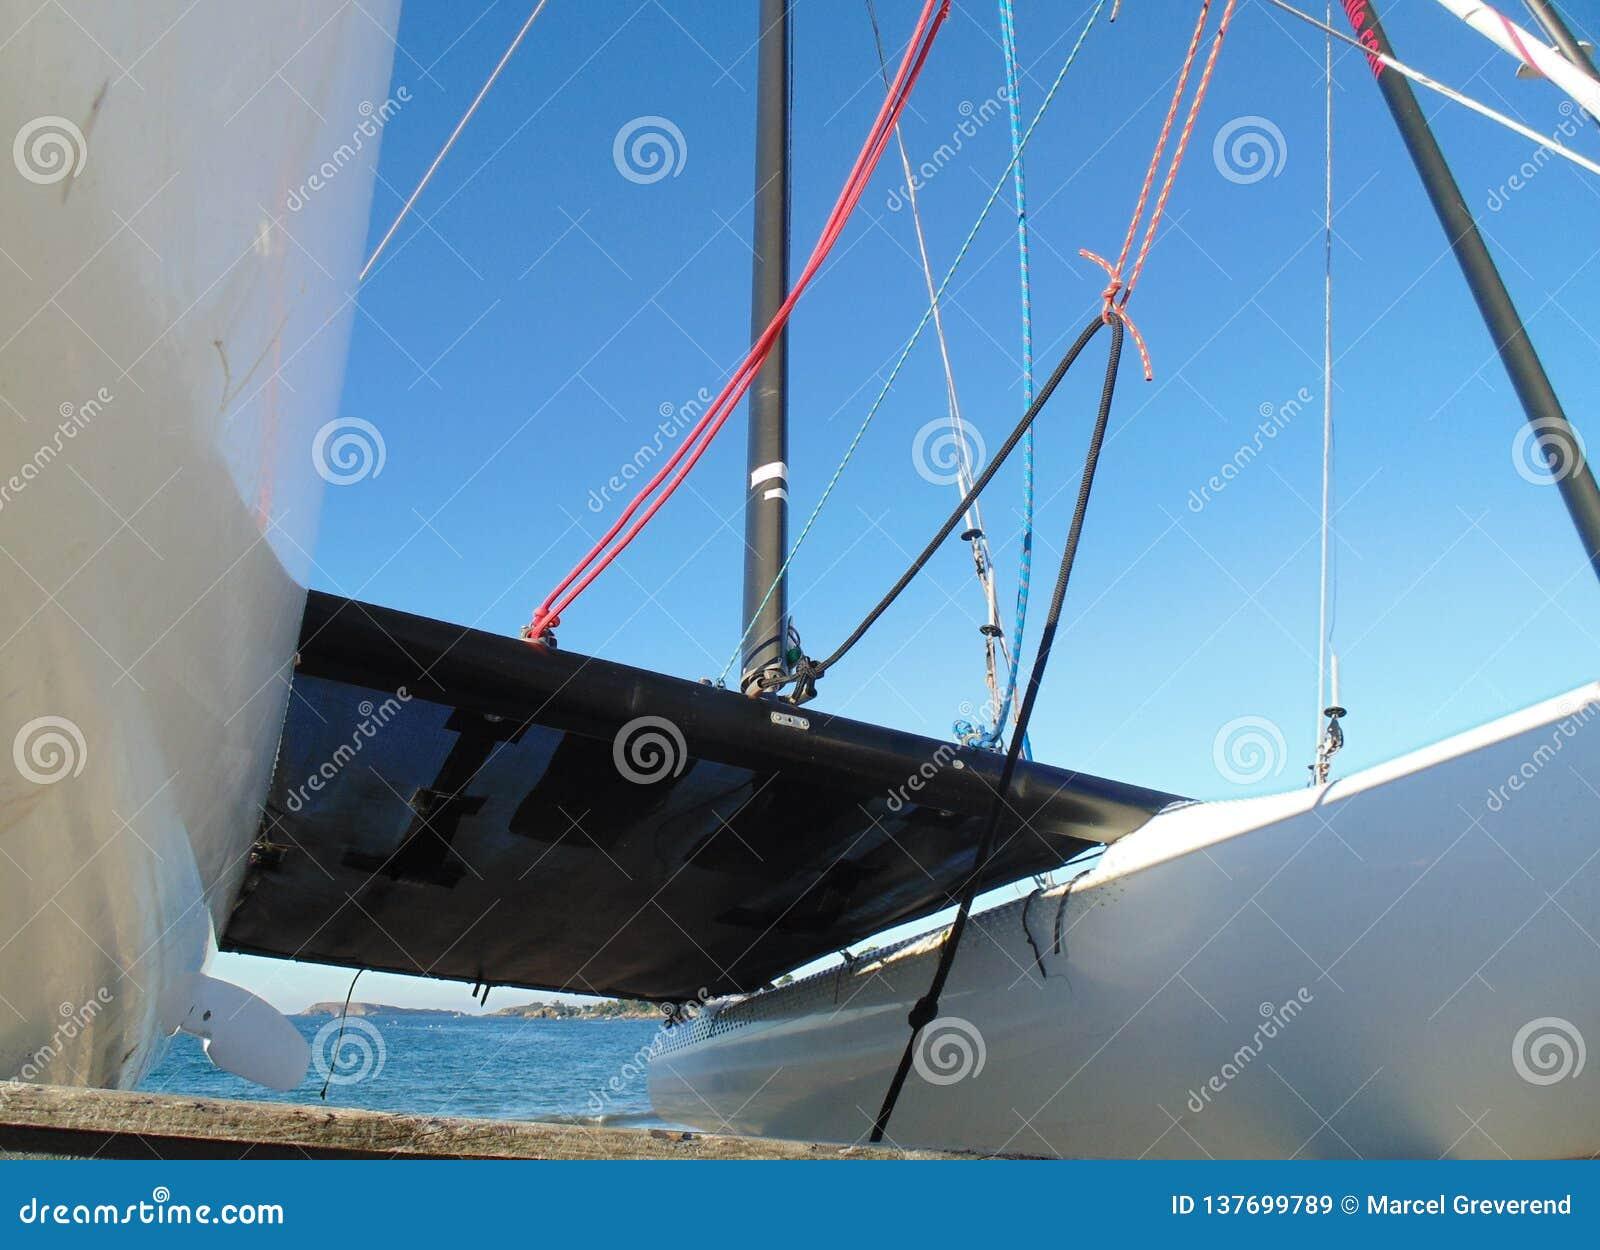 Appena davanti al catamarano